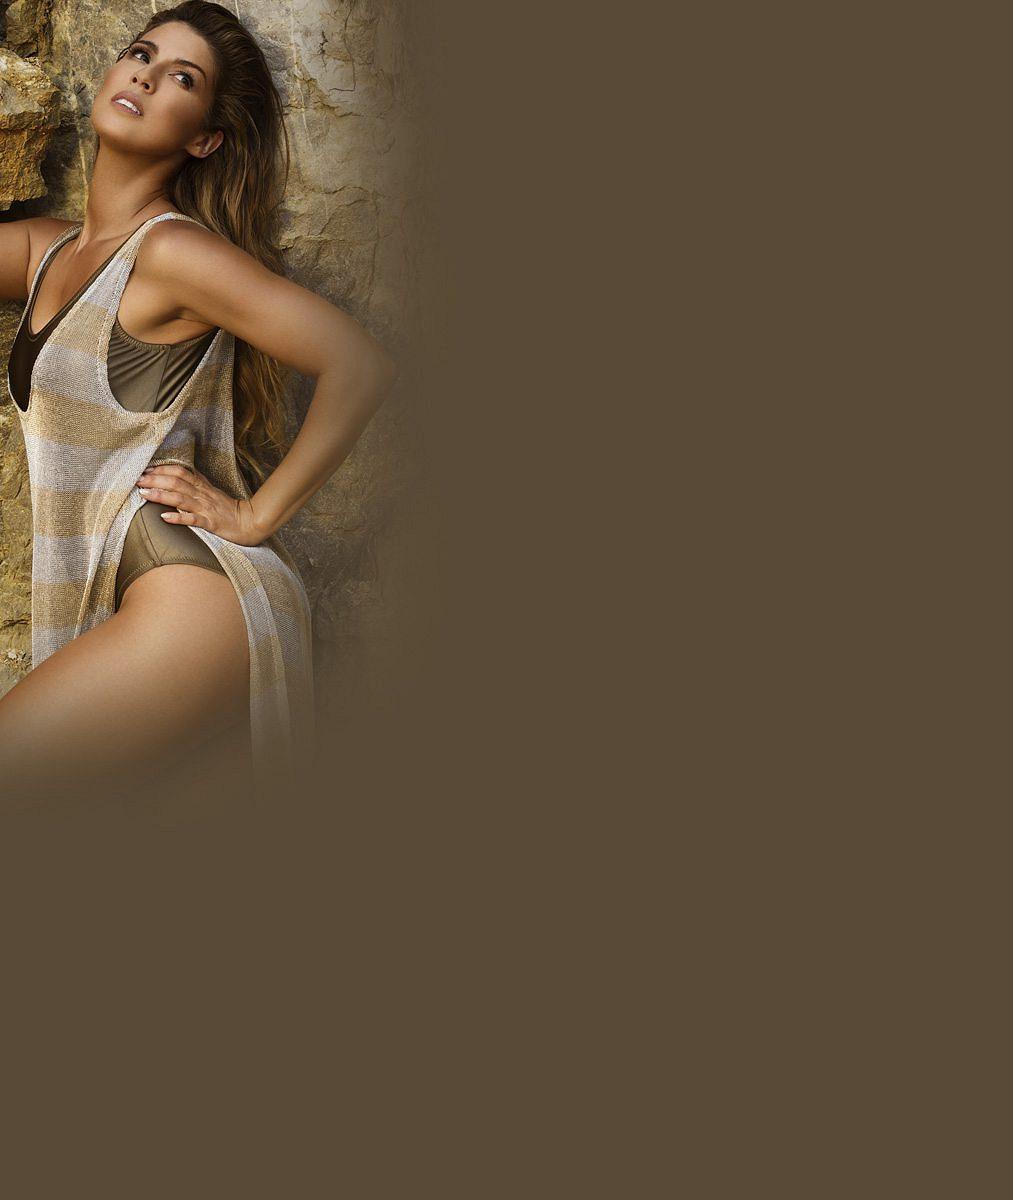 Zpěvačka Victoria žhavý klip málem nenatočila: Její plné tvary způsobily nehodu sgarderobou!